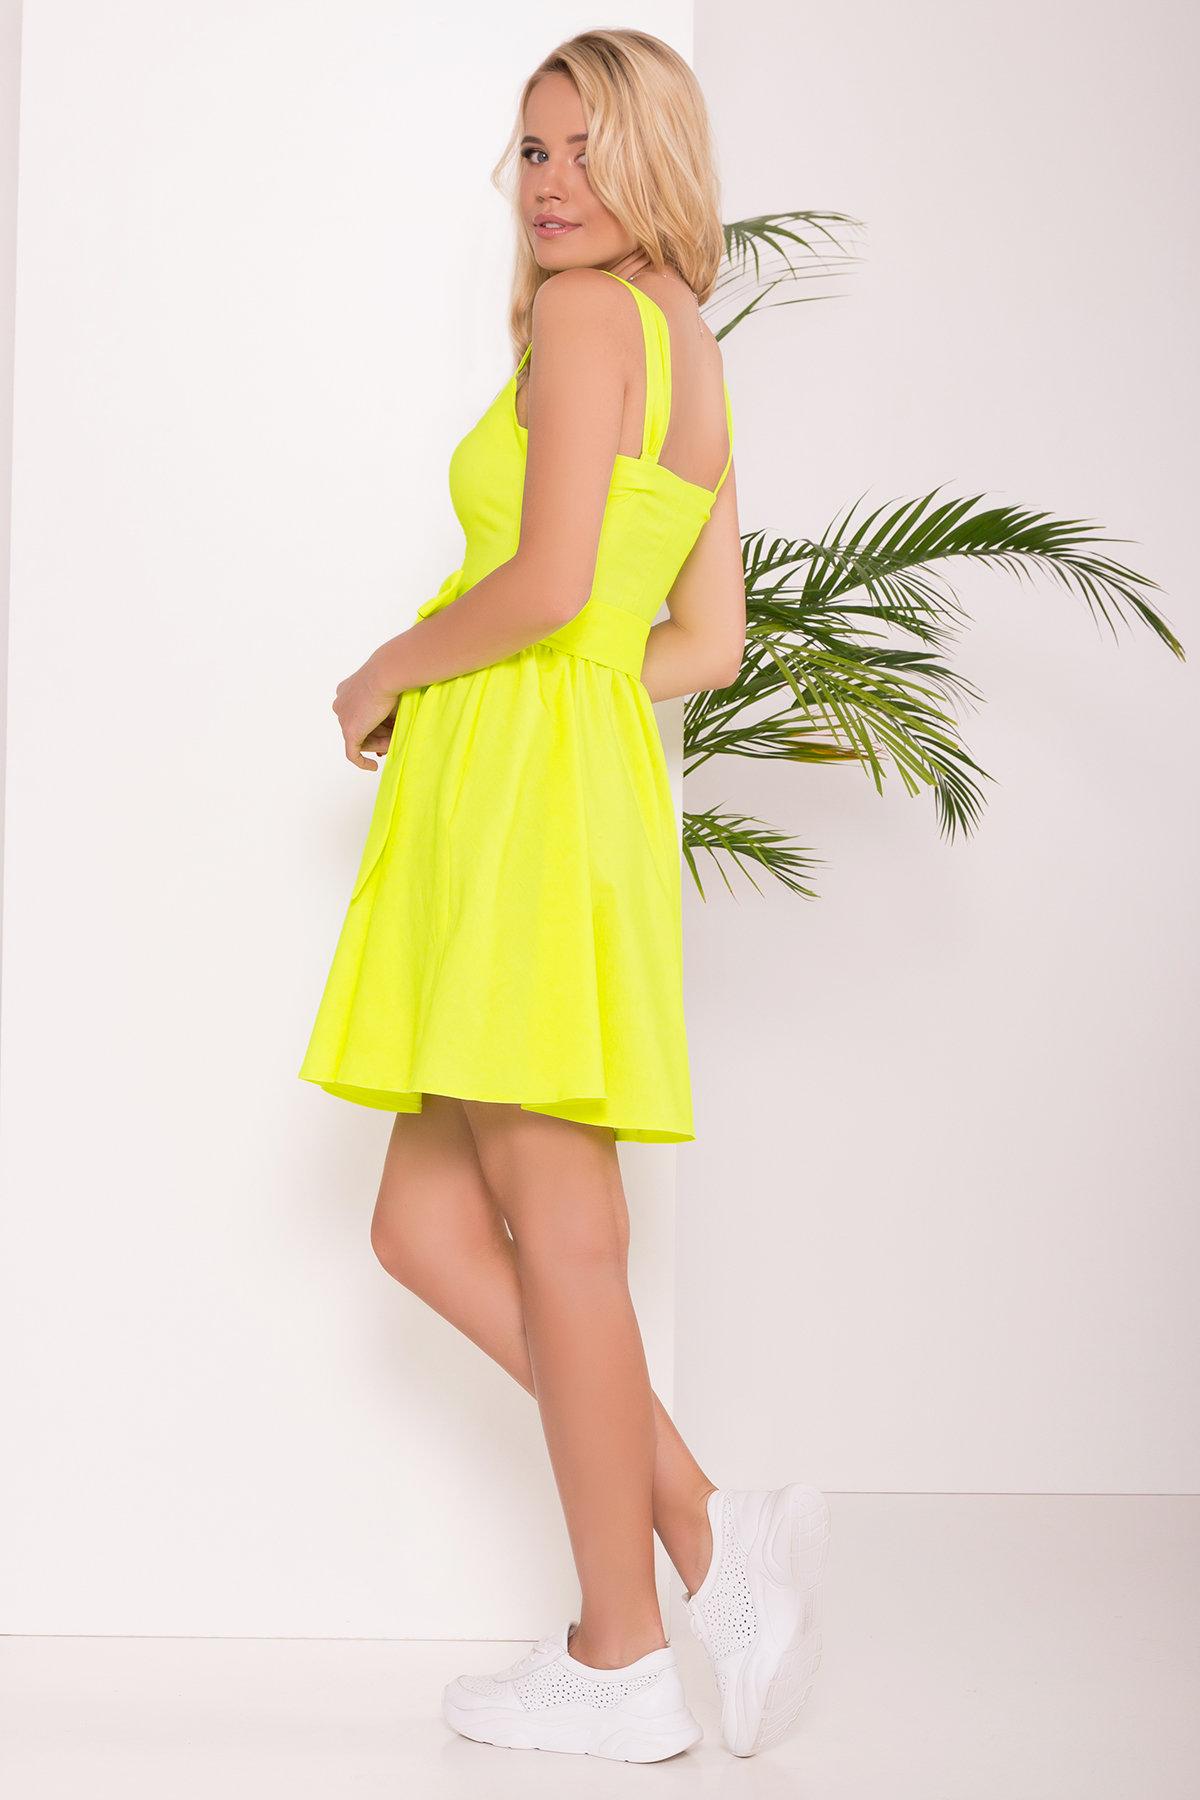 Платье Луиджи 7404 АРТ. 43508 Цвет: Лимон - фото 2, интернет магазин tm-modus.ru